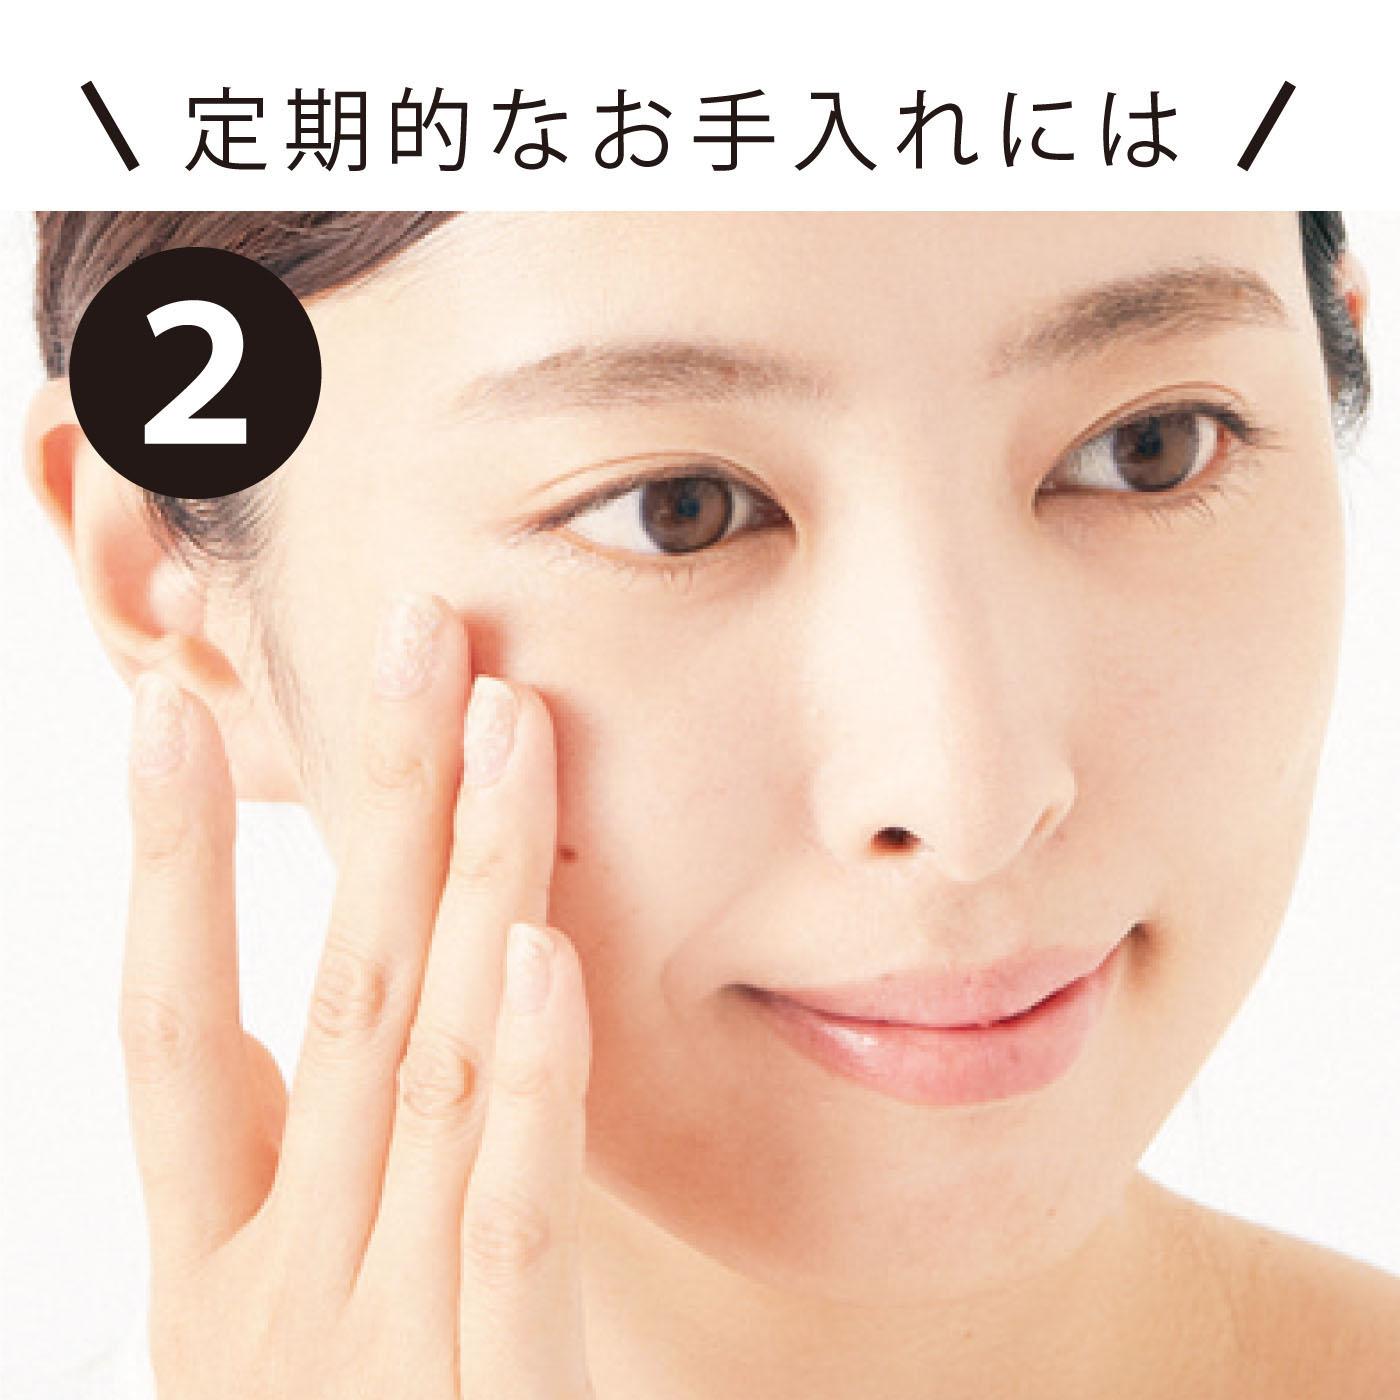 顔全体にマッサージするようになじませます。